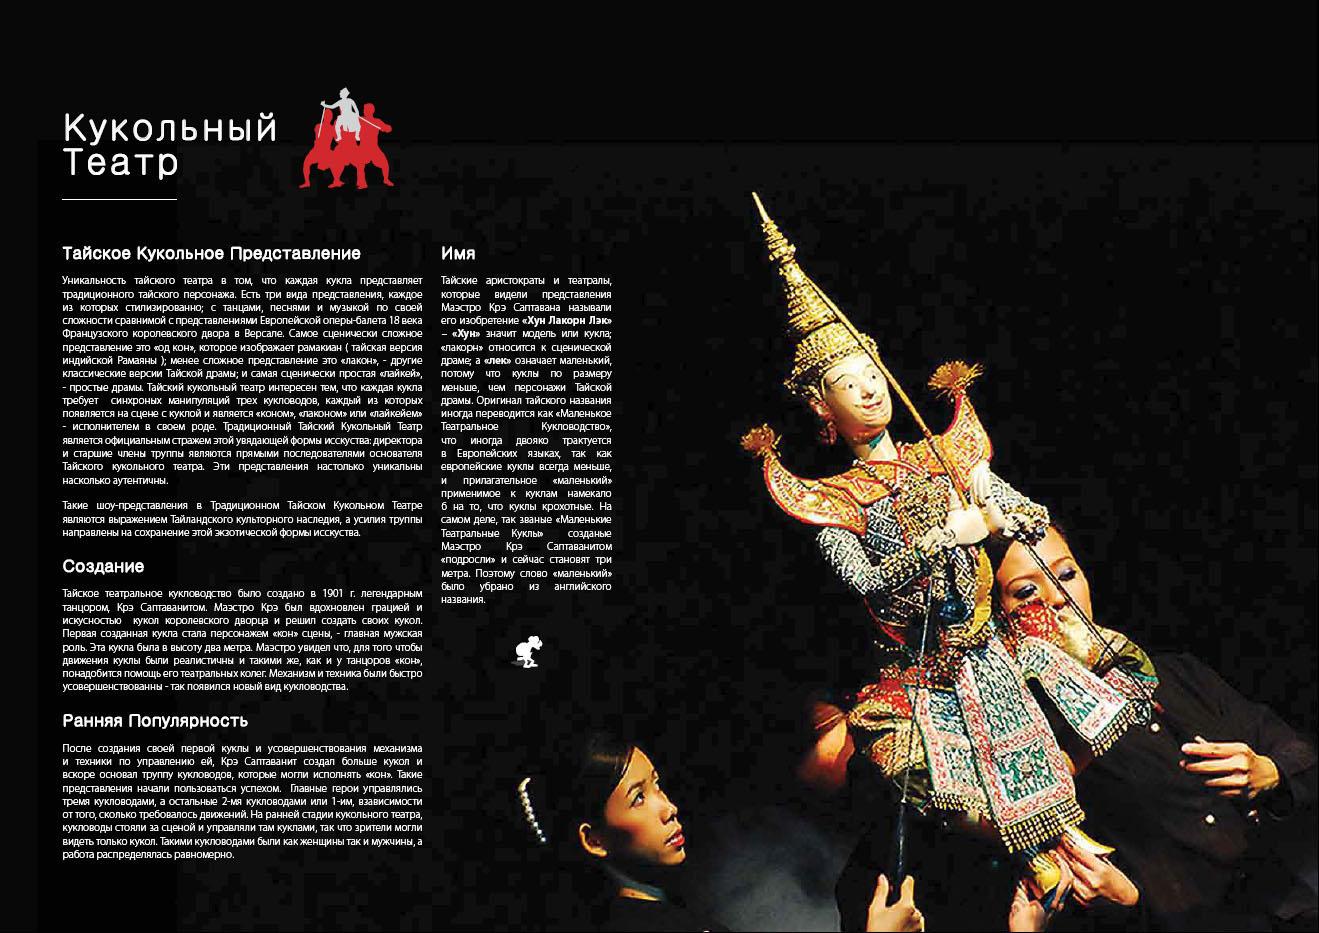 งานภาพประกอบบทความ Sunburn และ จัดหน้าหนังสือแมกกาซีน Thailand Segodnia Russian